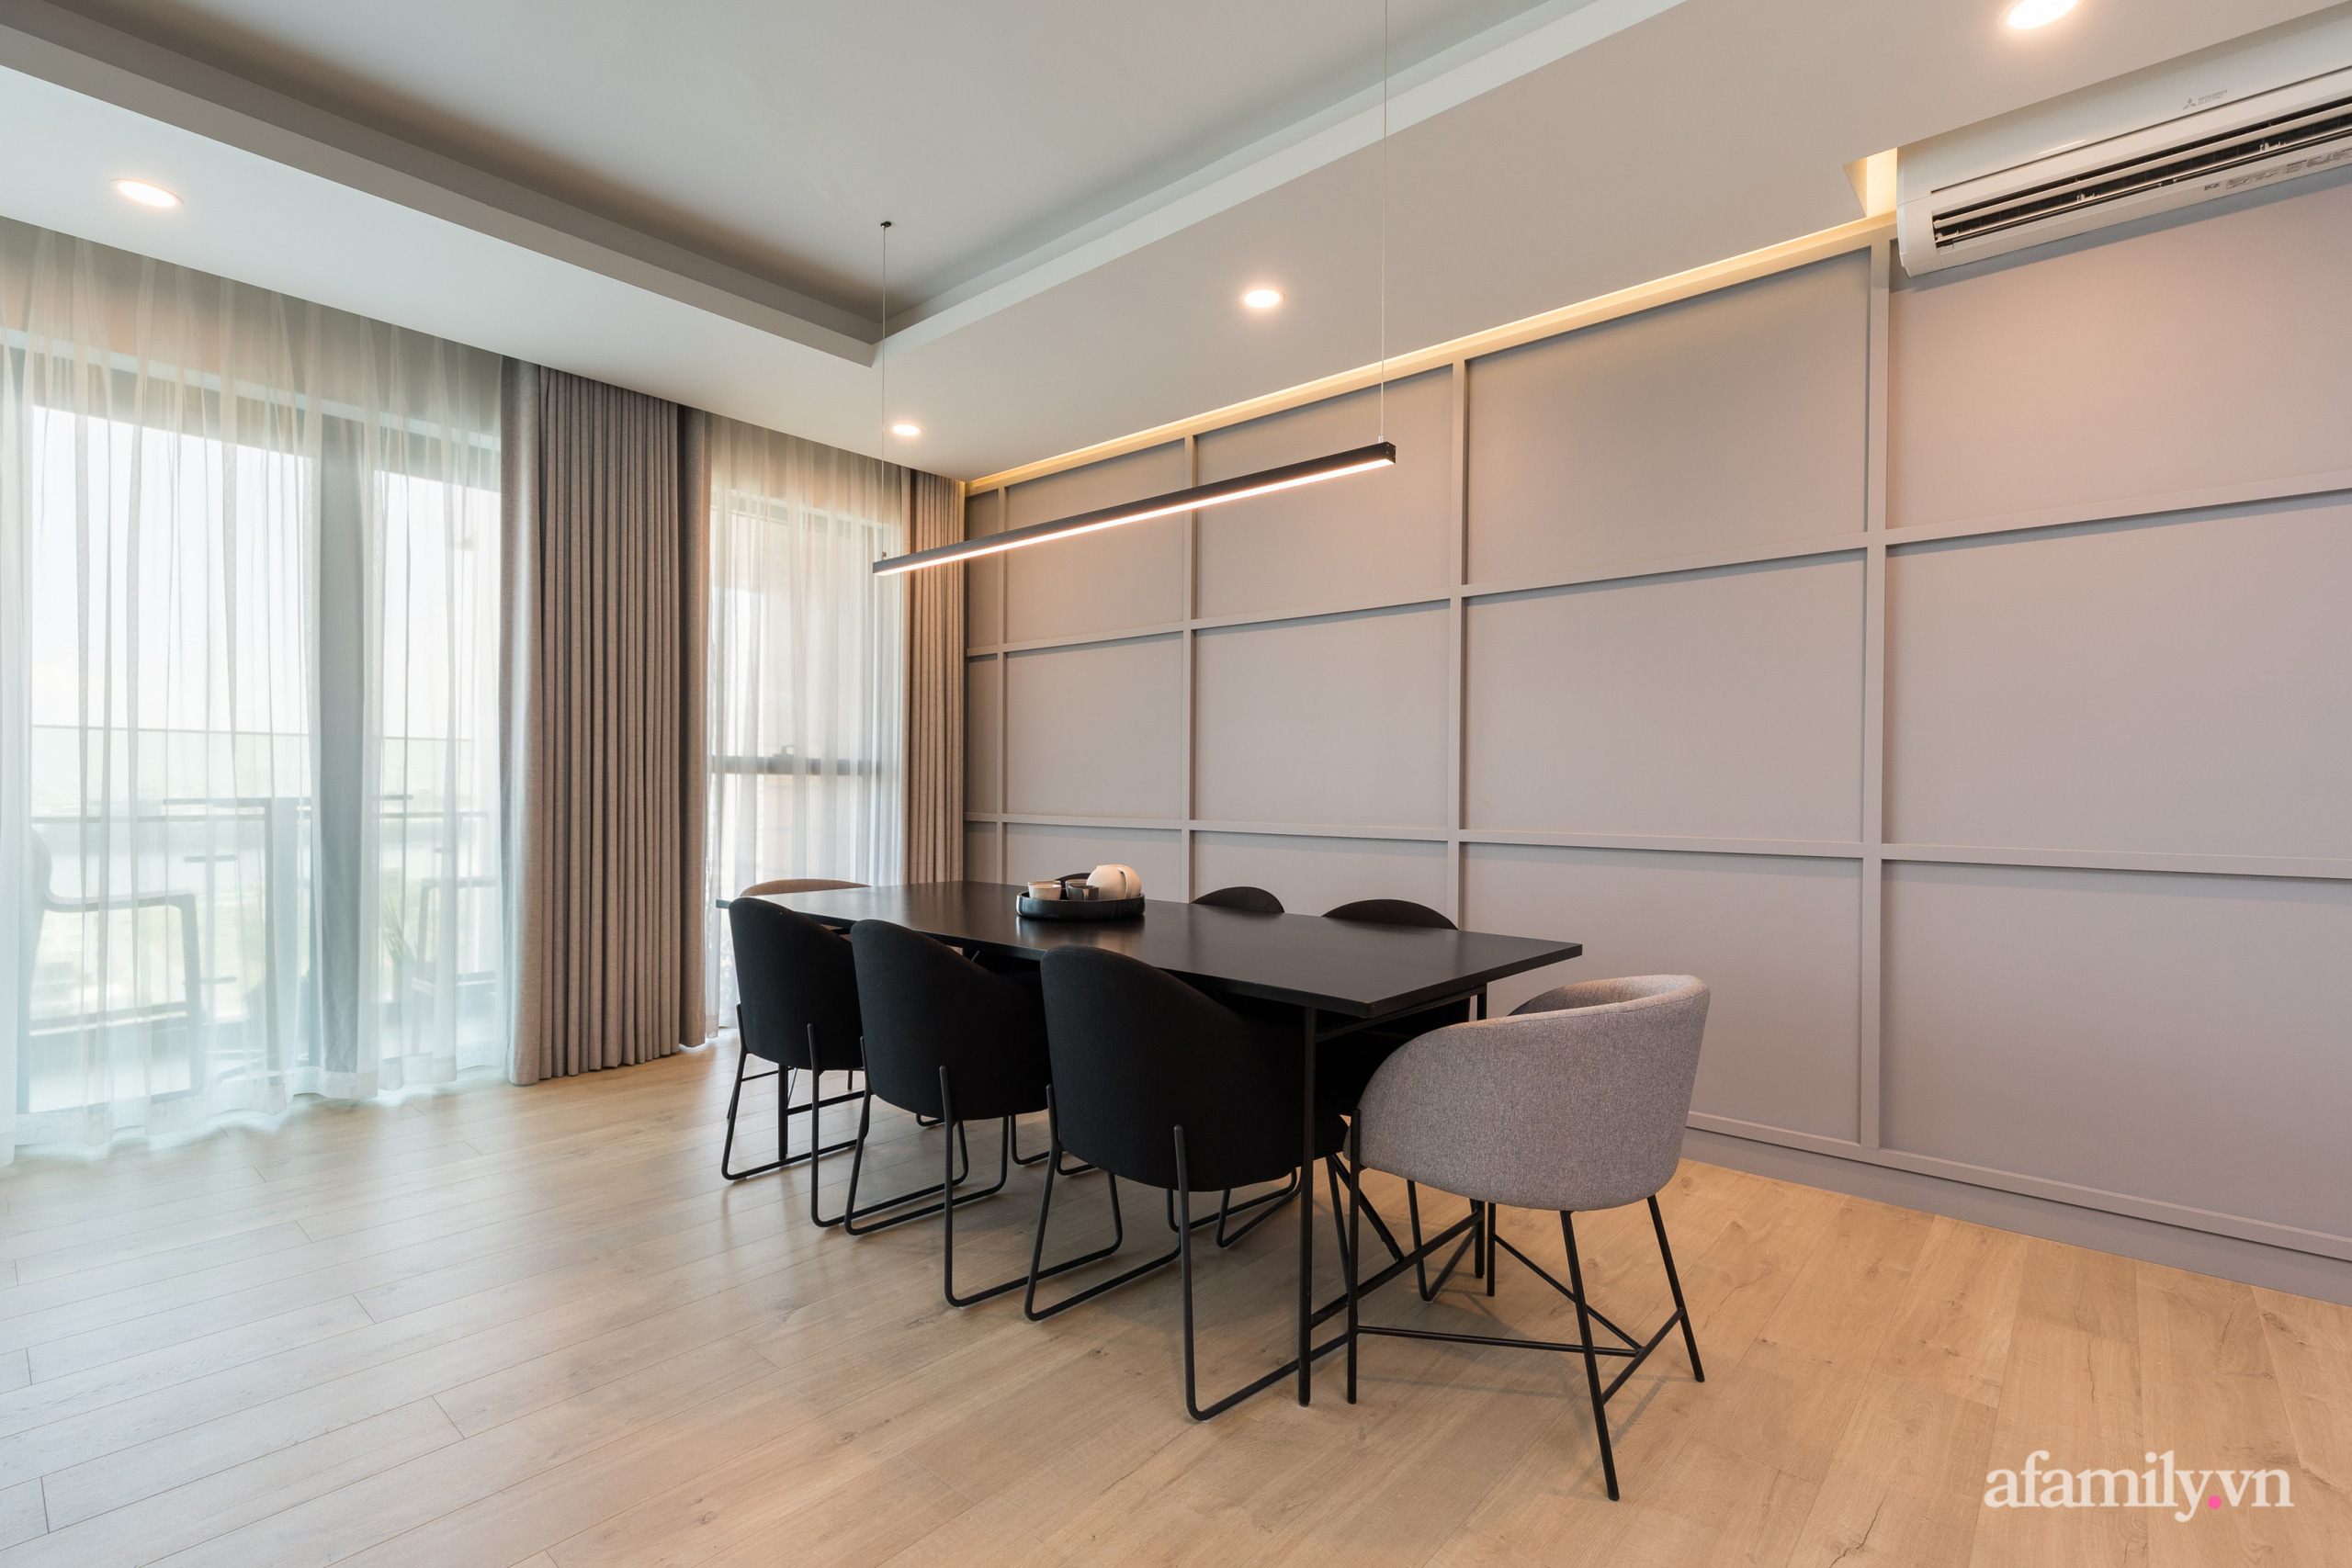 Căn hộ 216m² đẹp sang trọng và hiện đại thu trọn vẻ đẹp quận 2 Sài Gòn trong tầm mắt nhờ phong cách Minimalism - Ảnh 10.